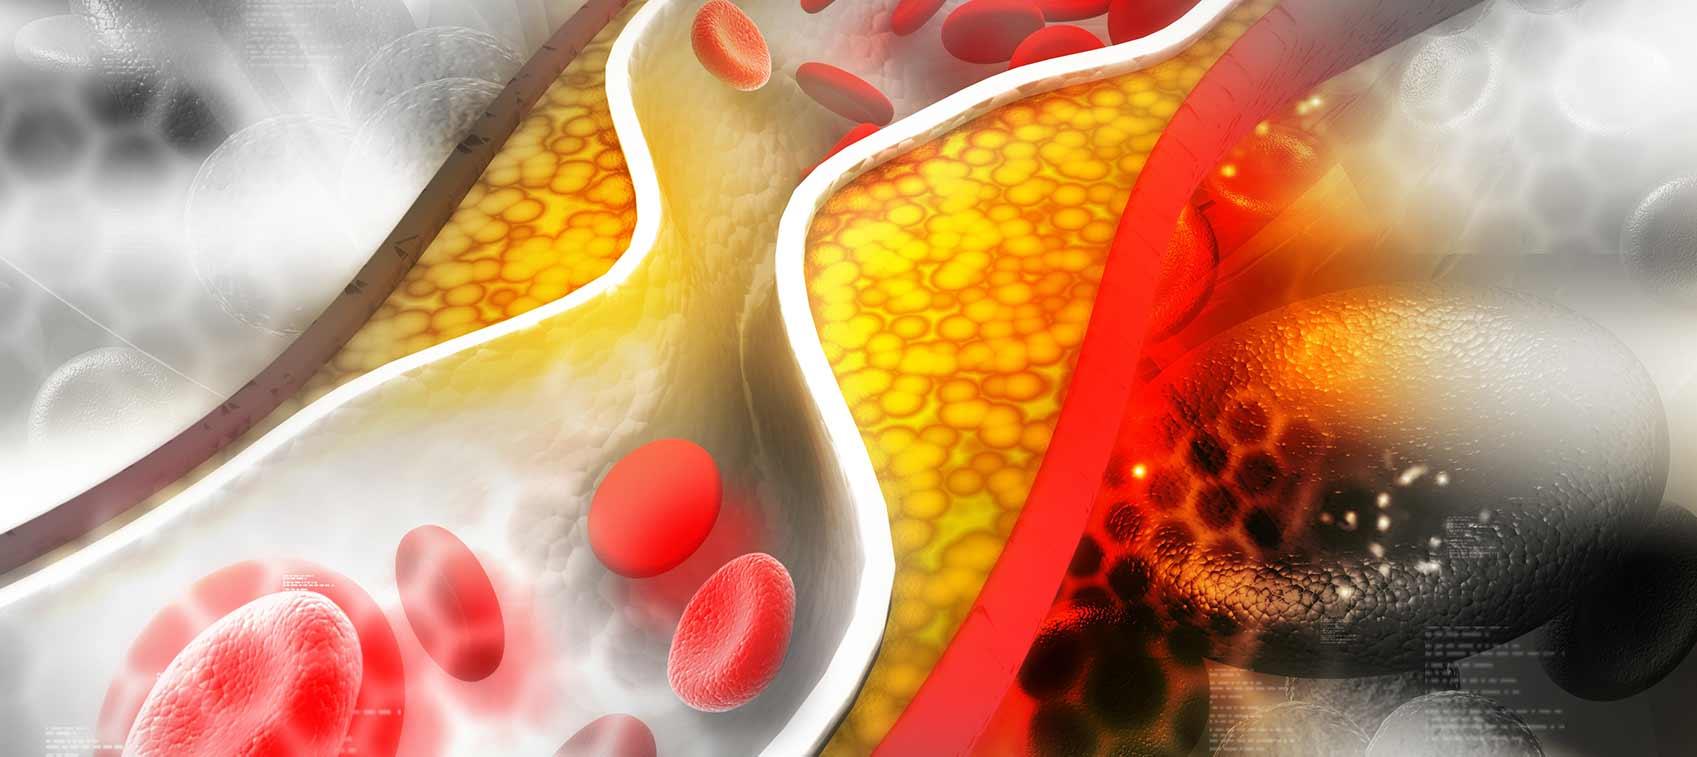 Что такое холестерин и опасен ли он для здоровья? | Hi-News.ru